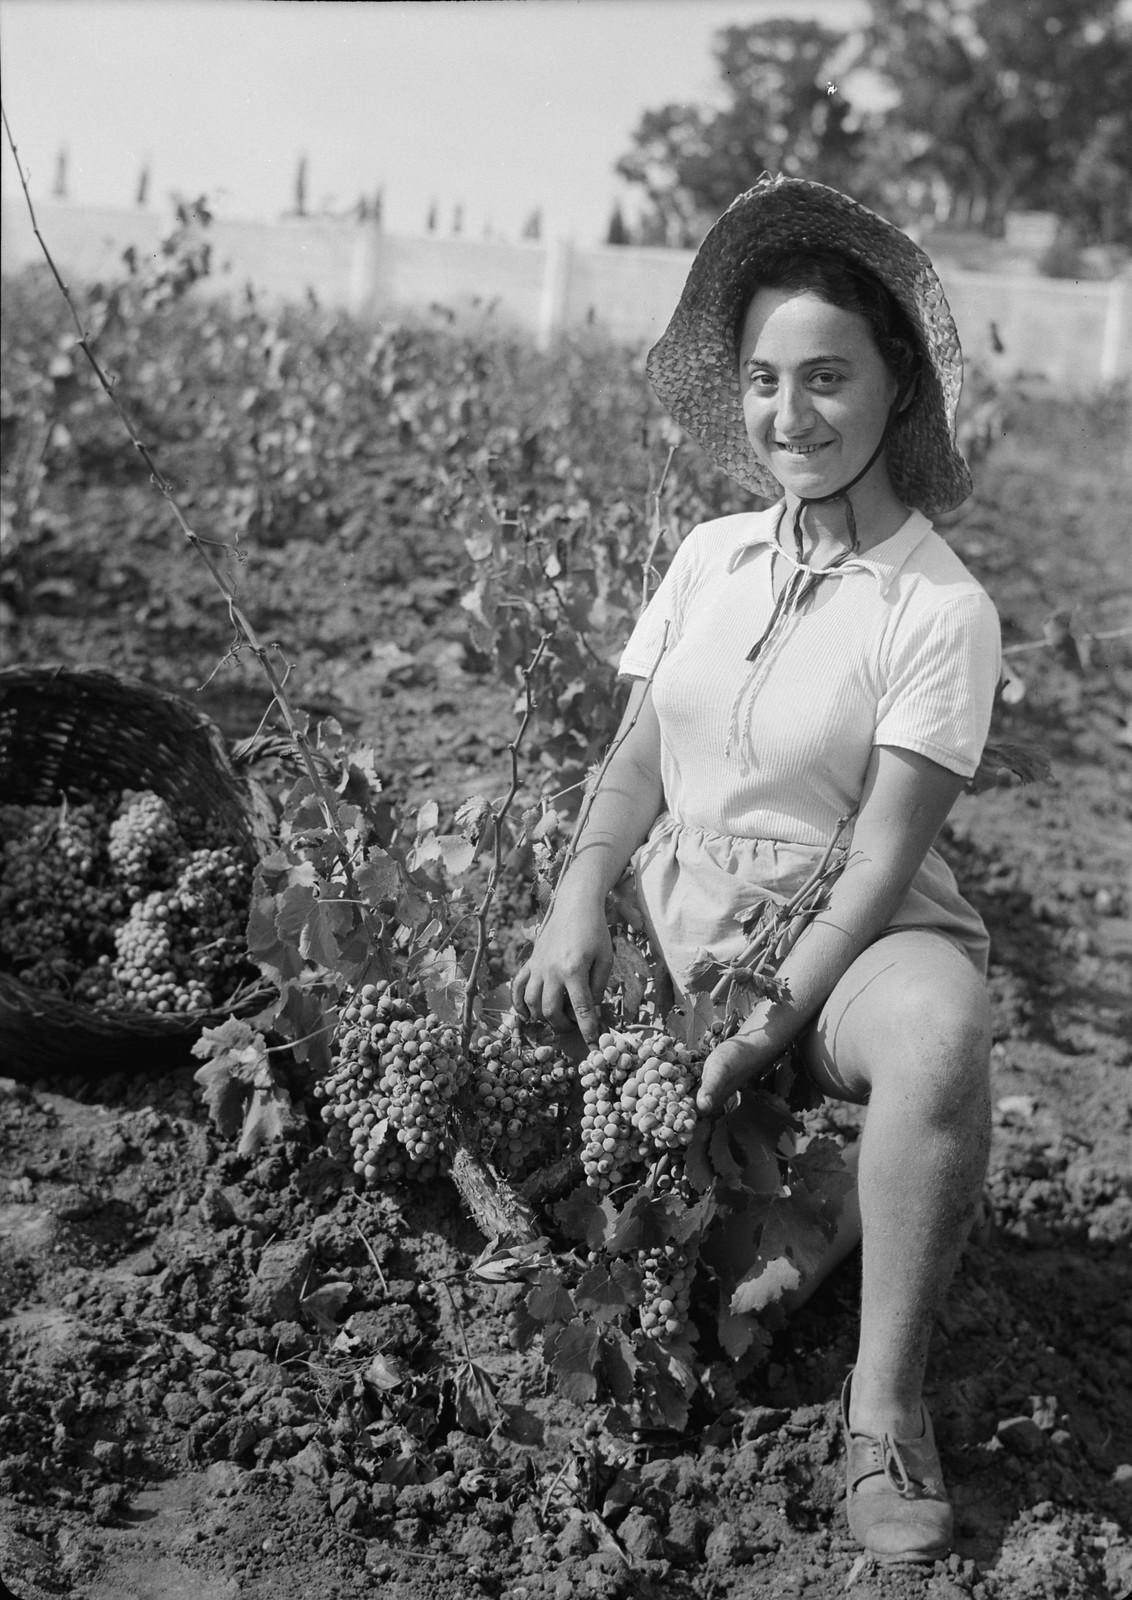 02. Сборщица винограда, европейская девушка-иммигрантка1